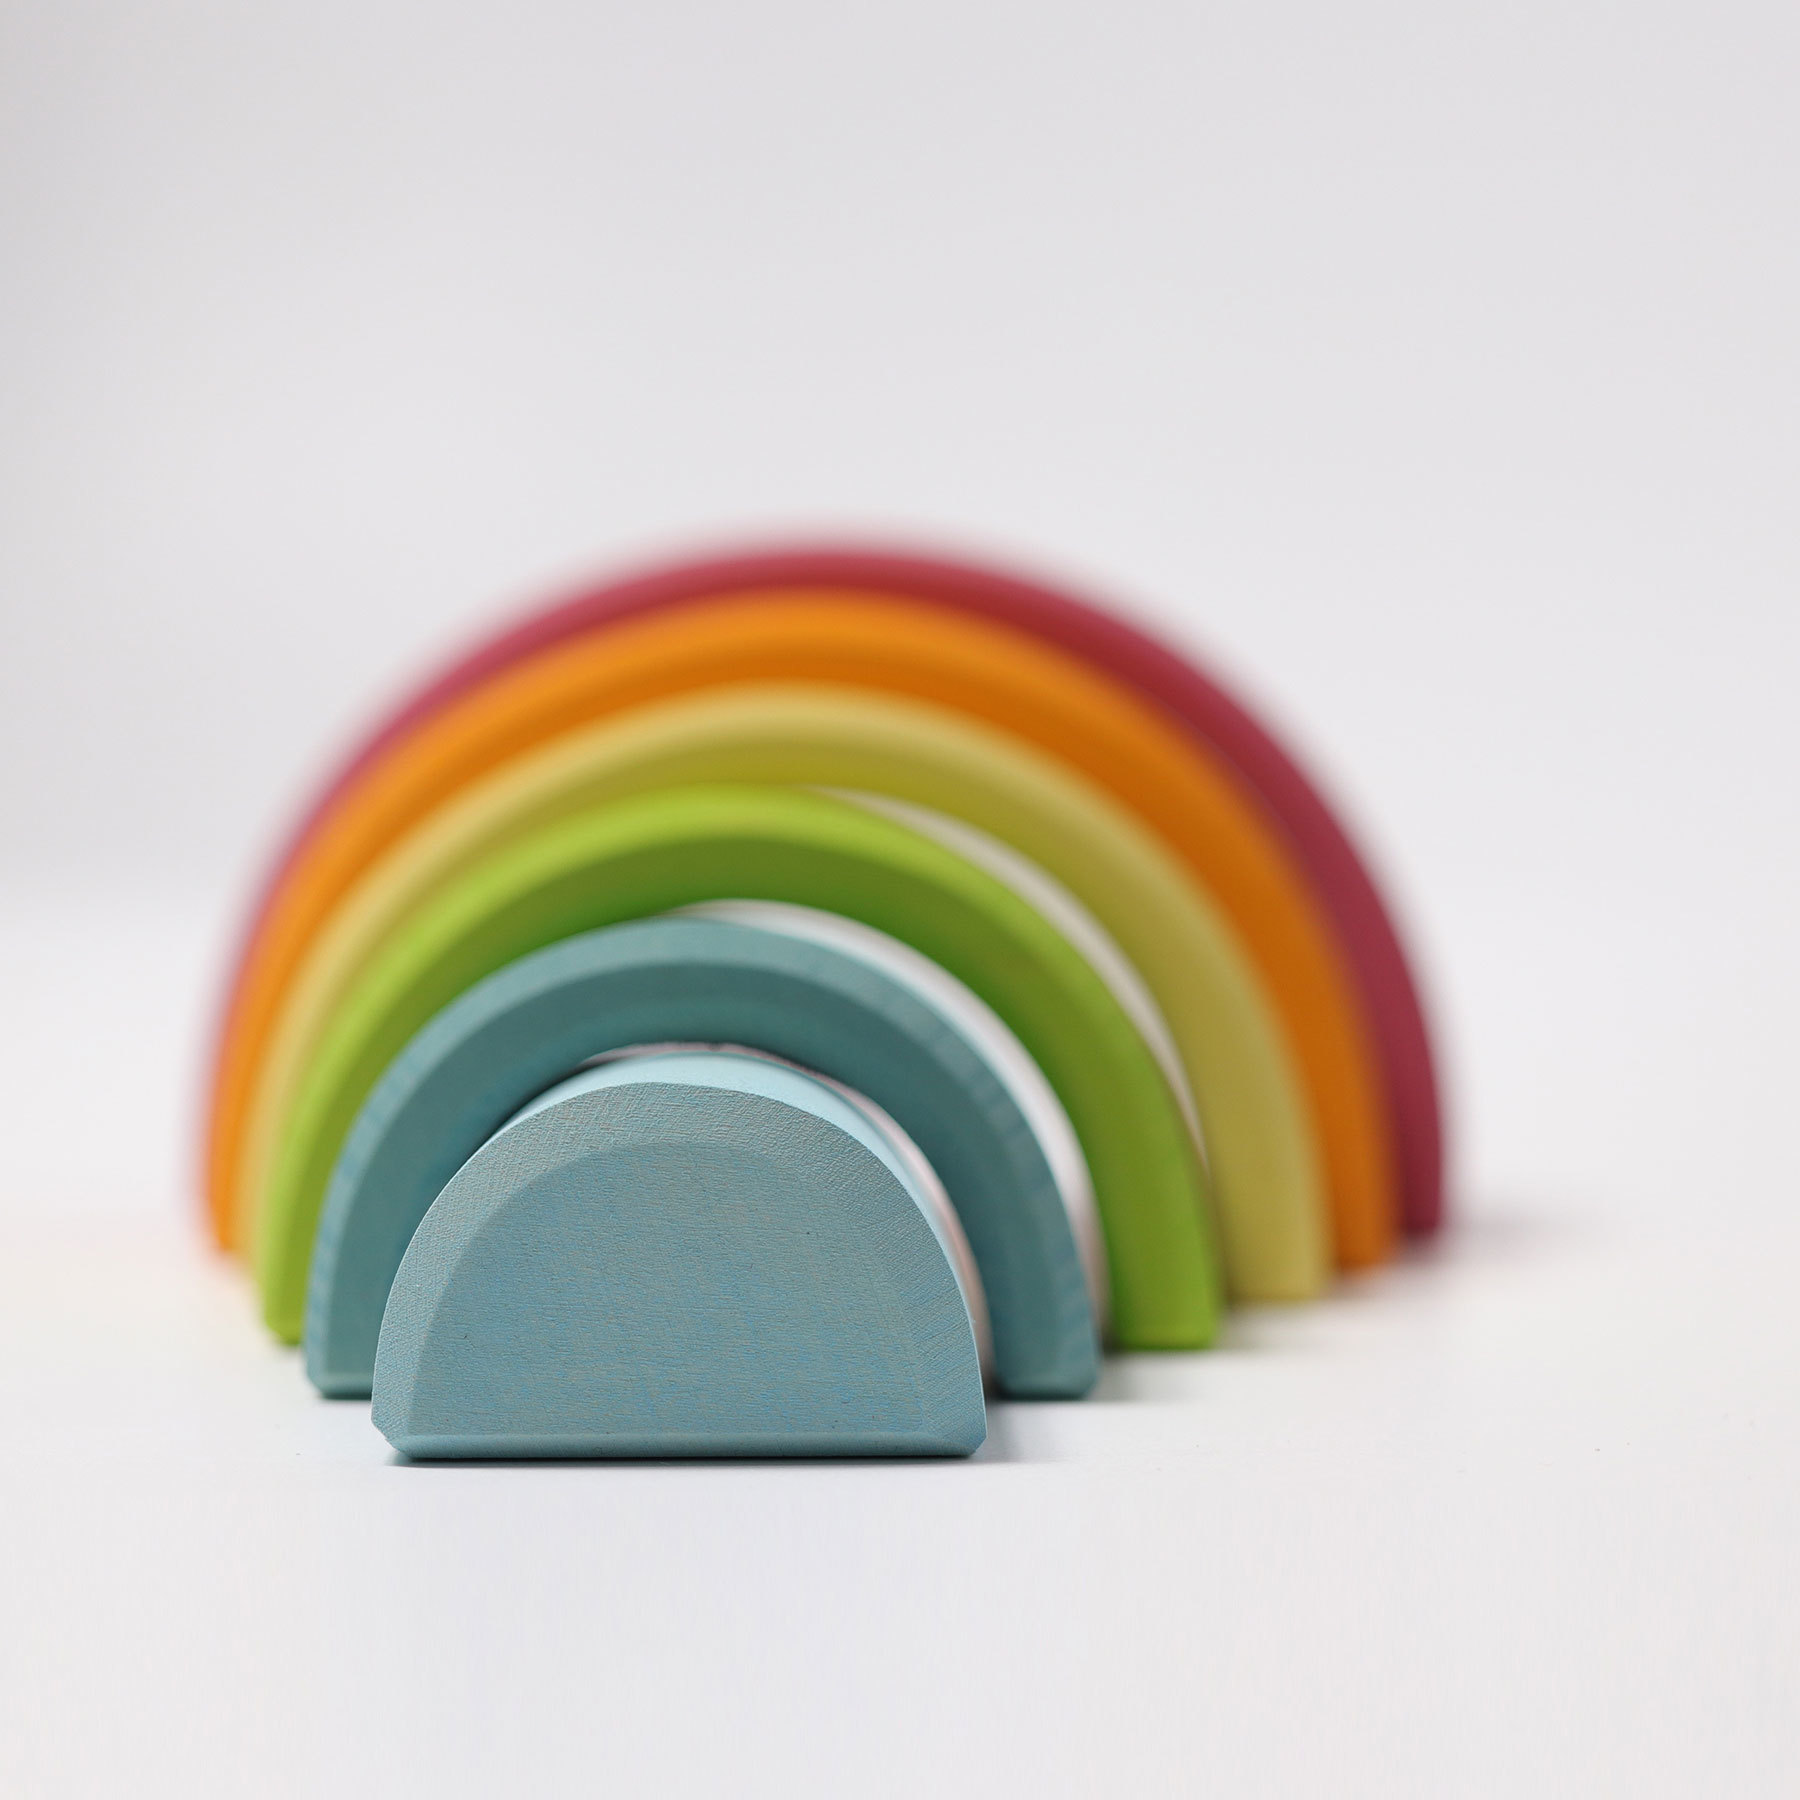 Средняя радуга, пастельные цвета (Grimms)